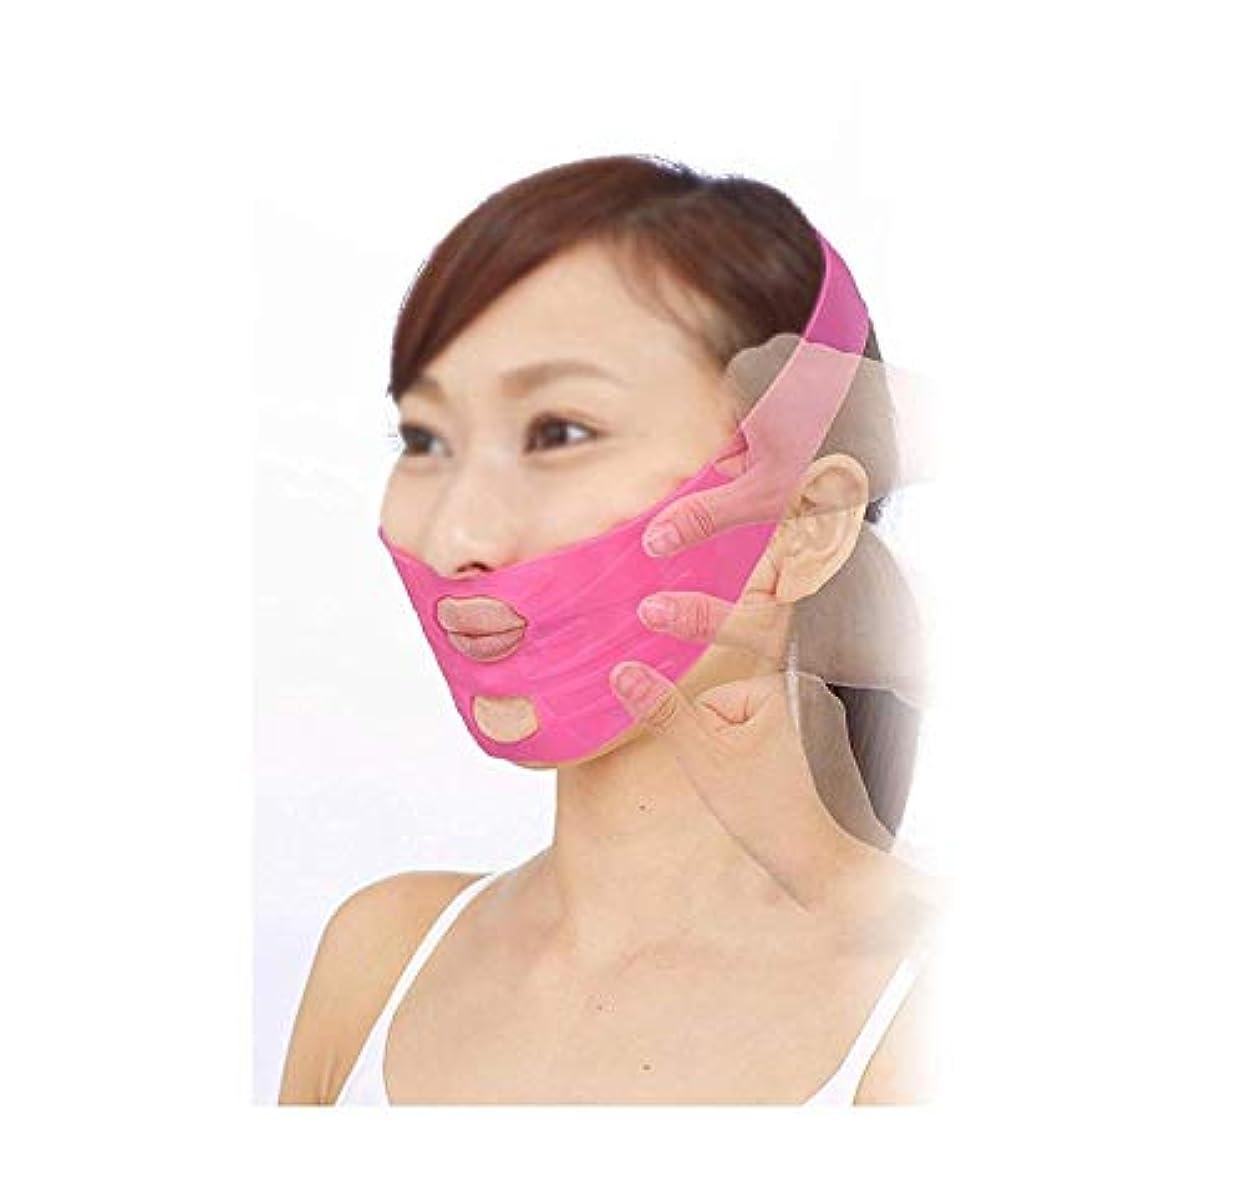 週末暴君慣れているフェイシャルマスク、リフティングアーティファクトフェイスマスク垂れ下がった小さなVフェイスバンデージ付きの顔